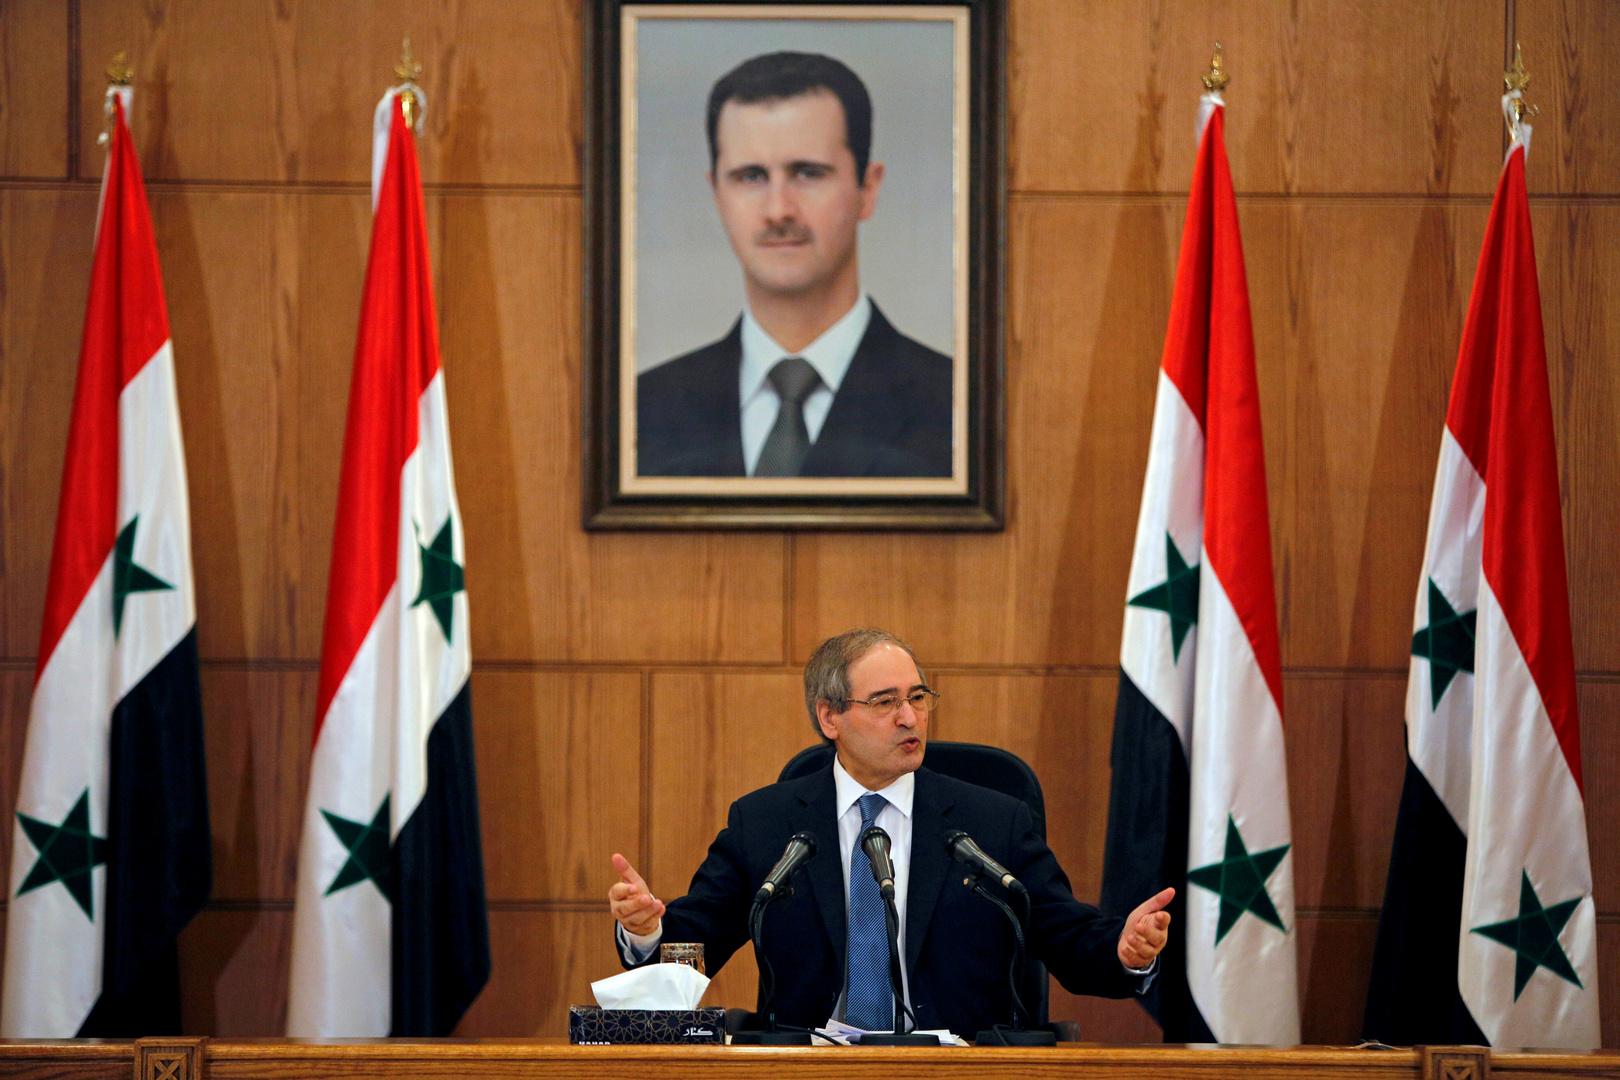 المقداد: إنجازات سوريا في الحرب هي السبب في تغيير الأجواء السياسيّة تجاهها